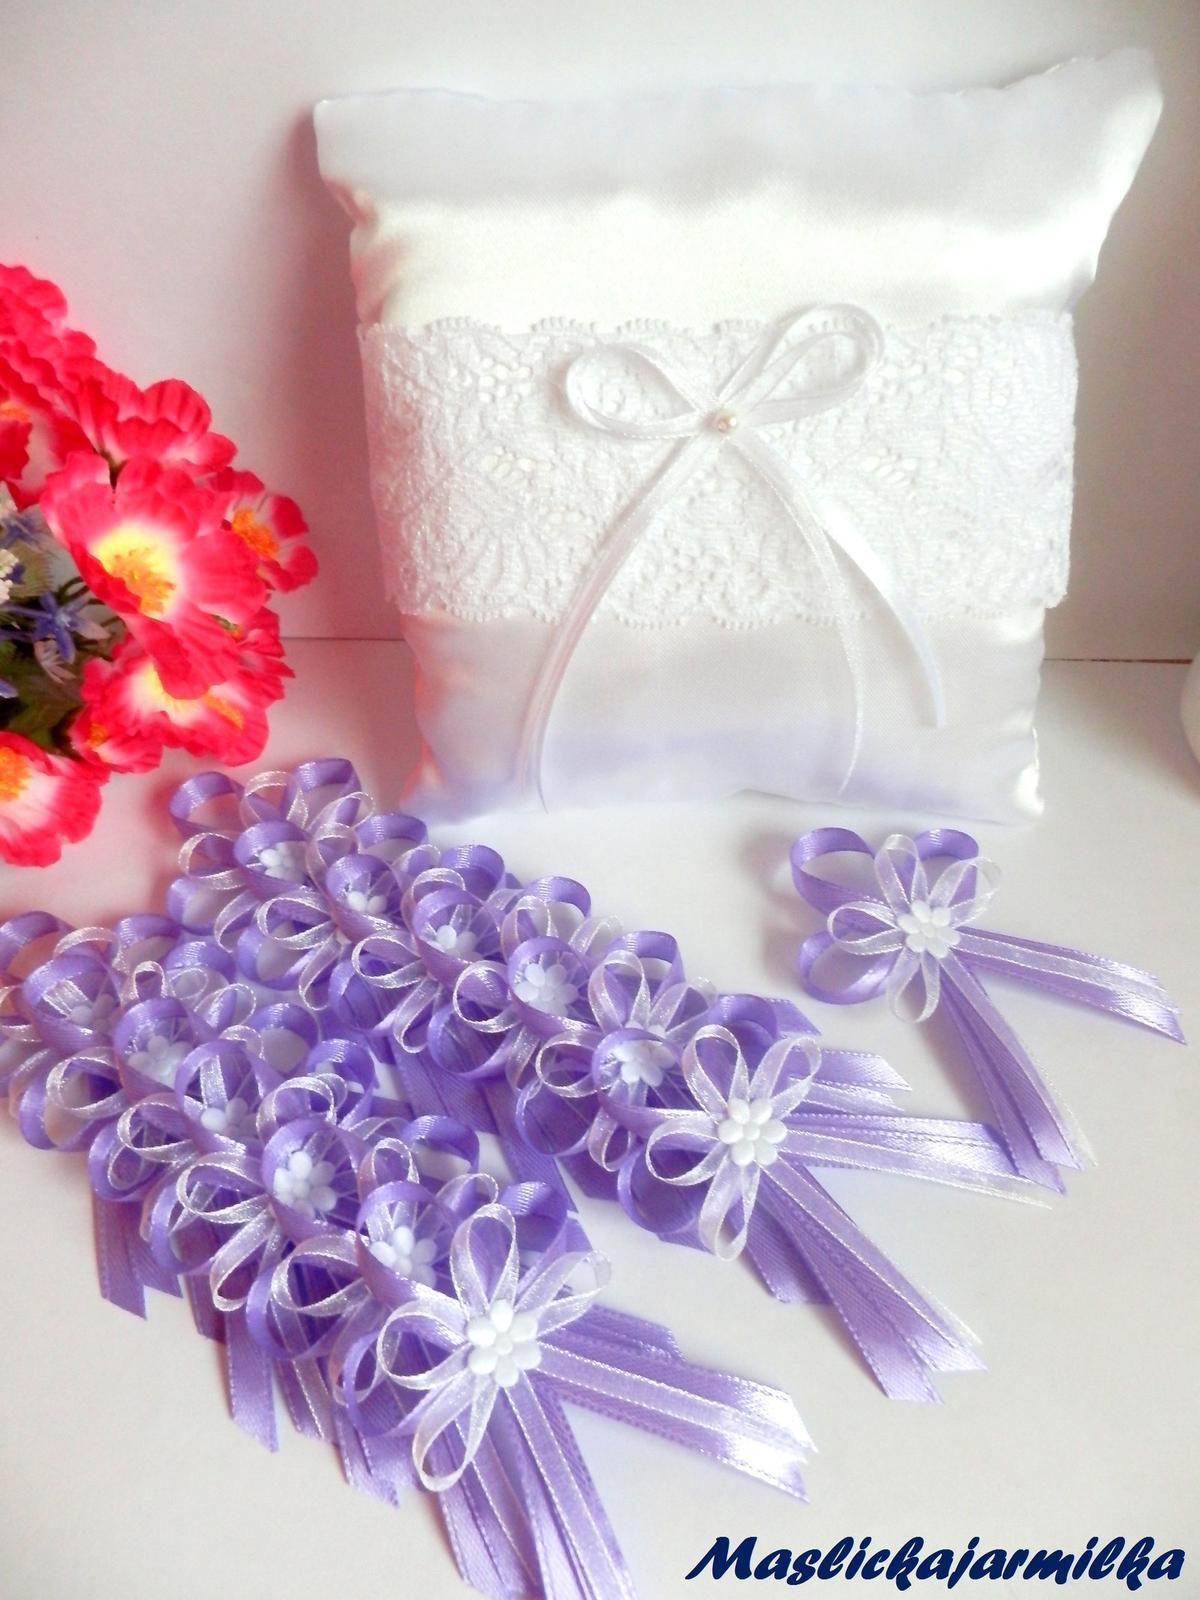 Svatební vývazky podvazky, polštářky a další drobnosti... - Obrázek č. 8